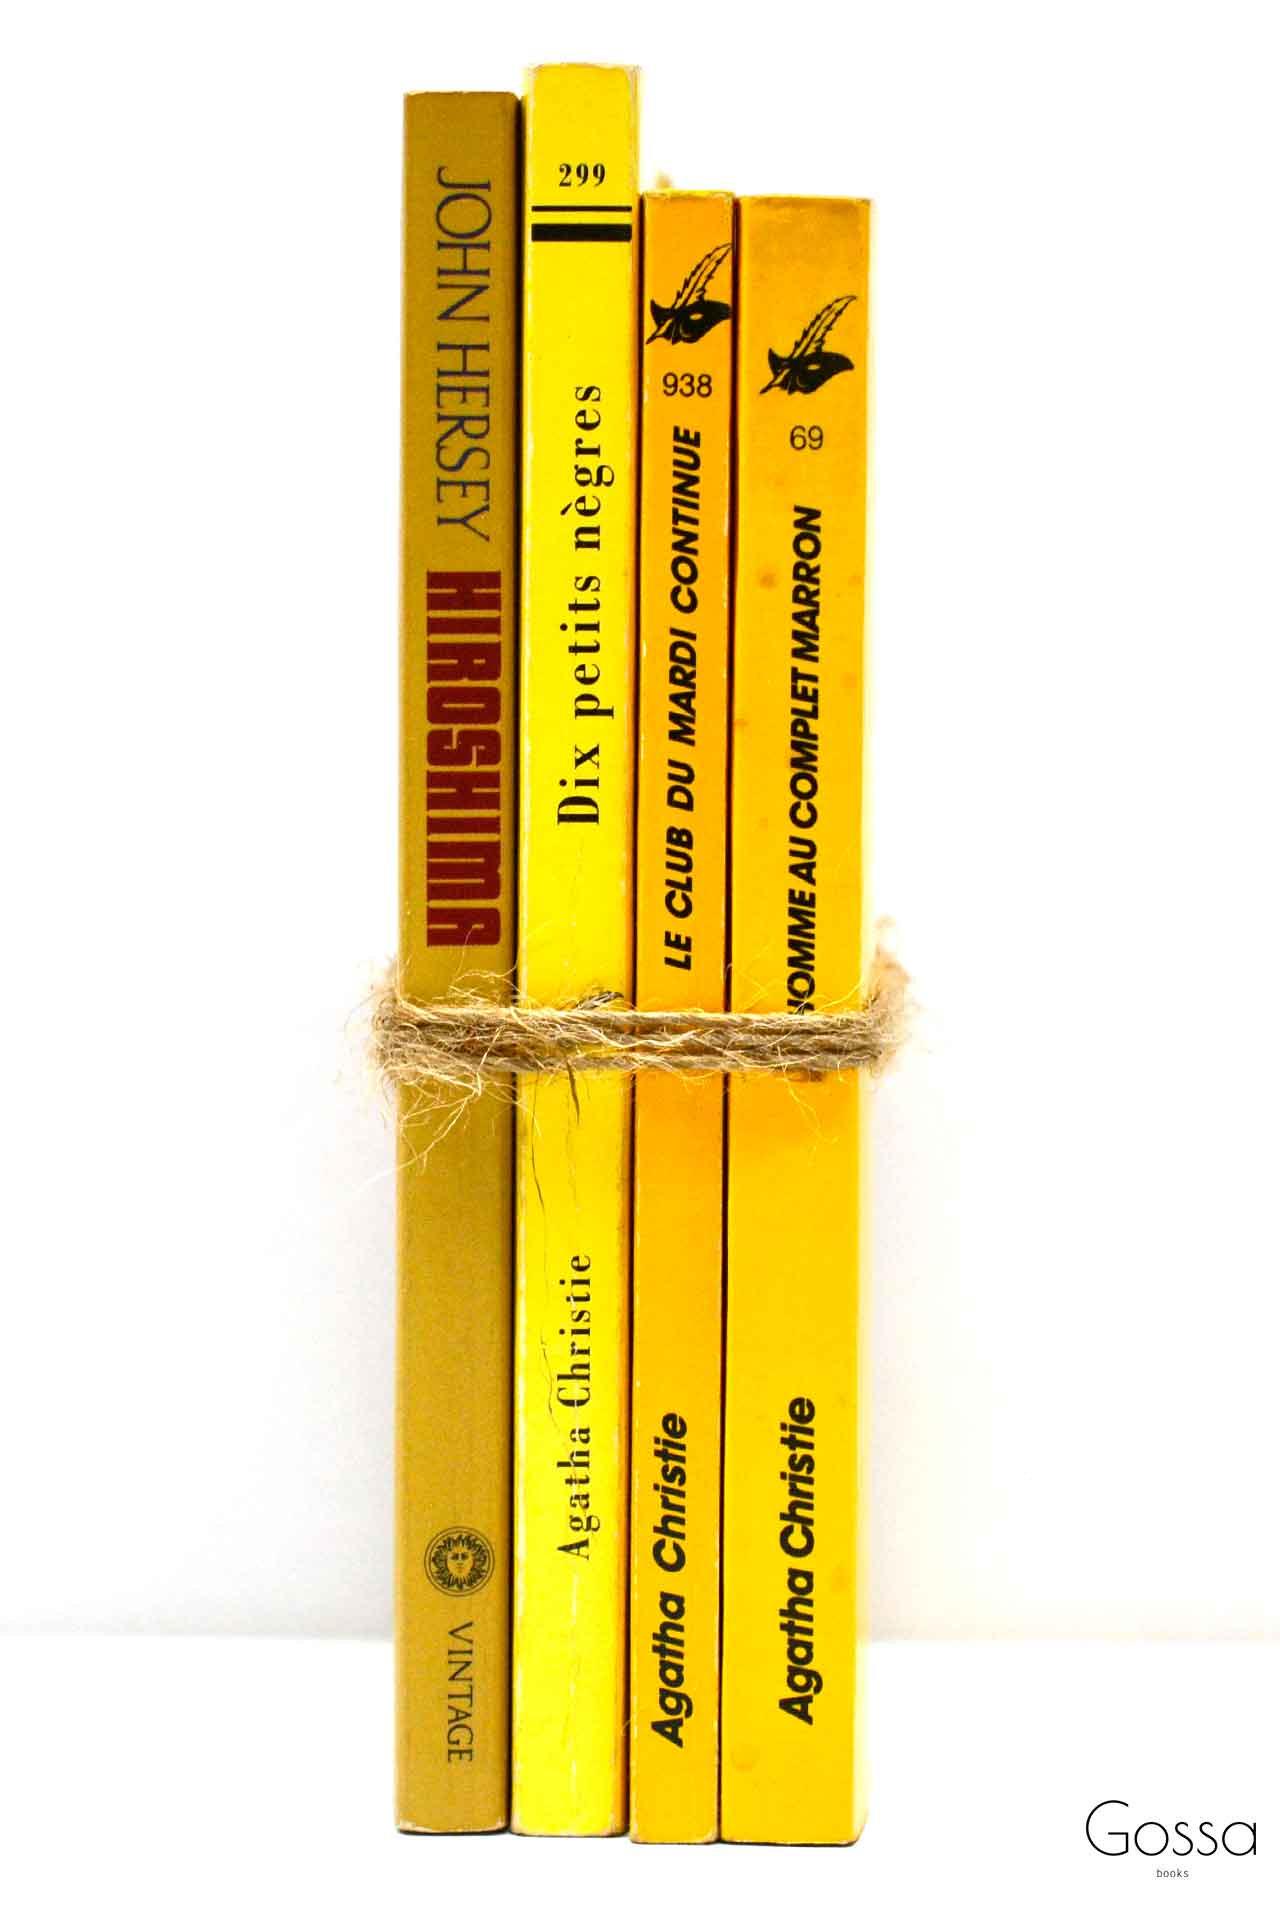 洋書 ディスプレイ用 4冊セット RZ-5993